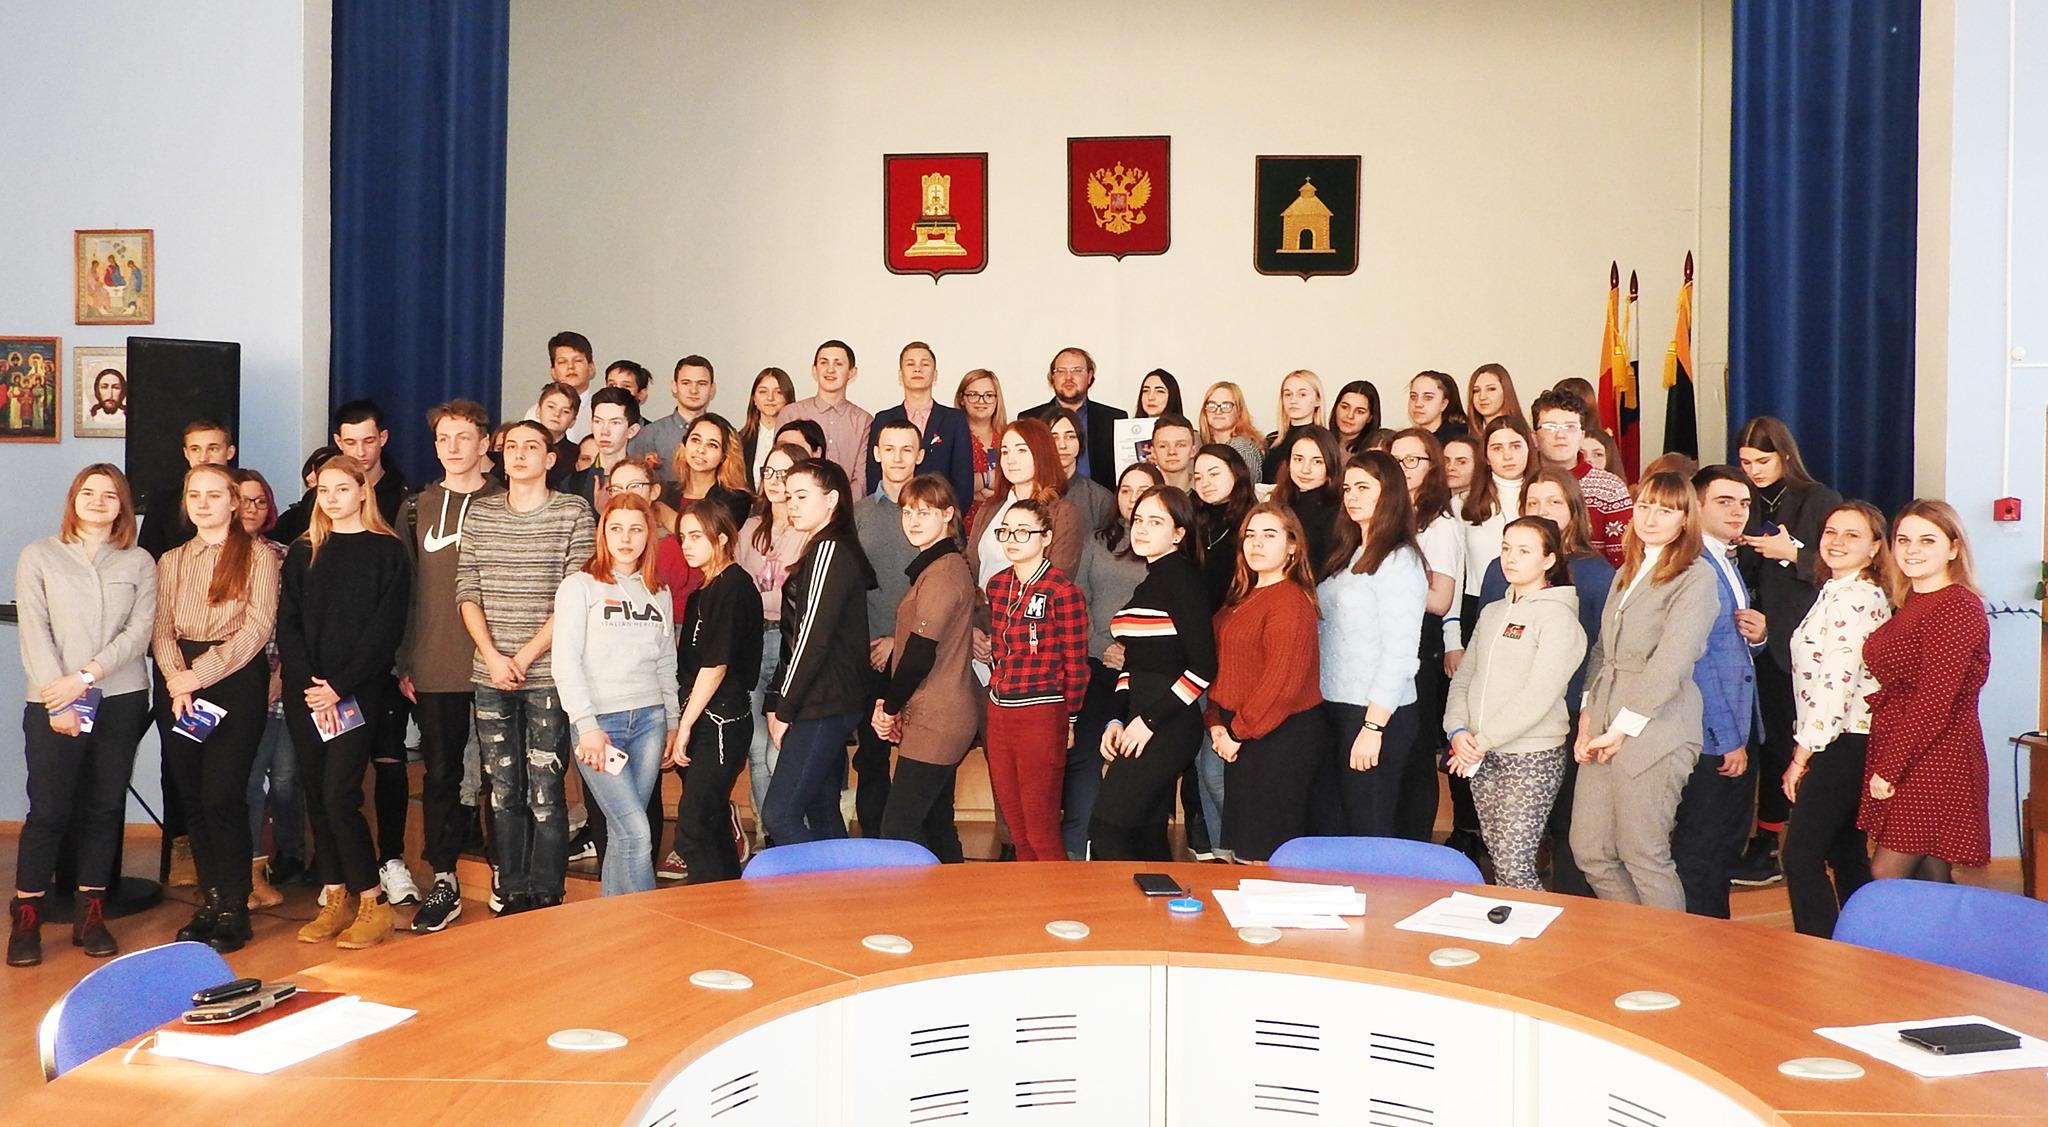 В Тверской области прошел межрайонный форум «Молодёжь, настоящее и будущее»